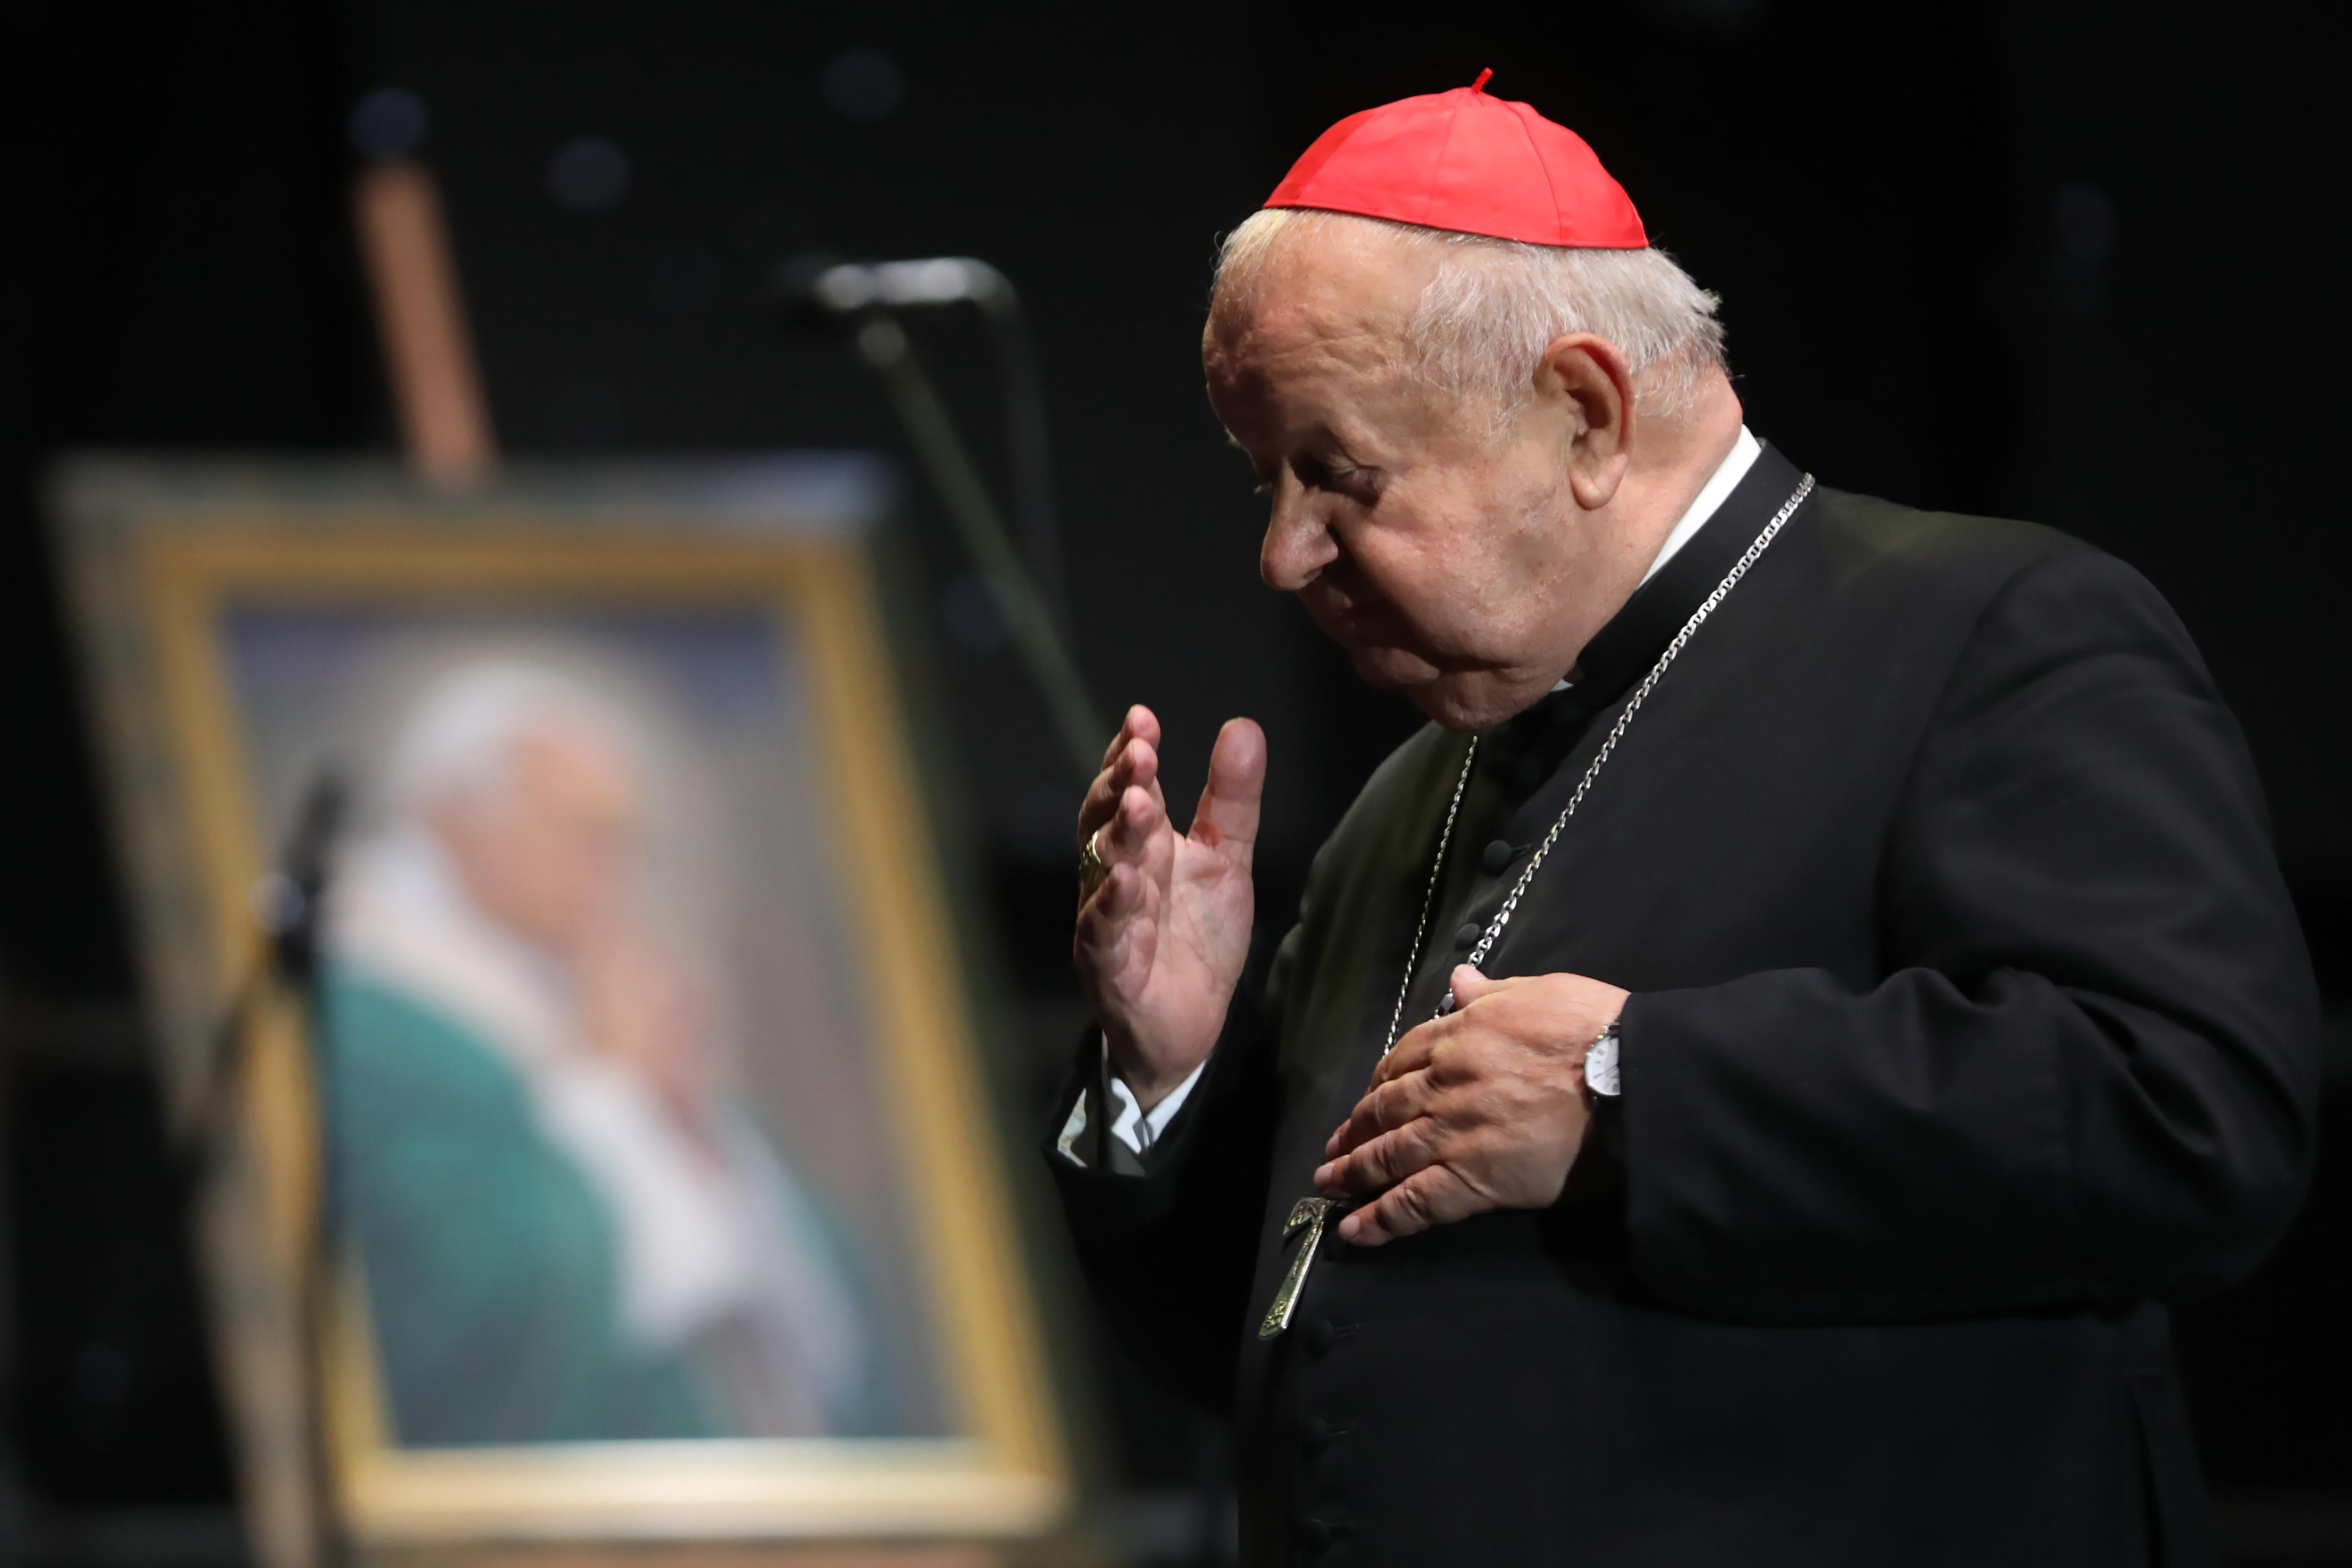 Mistrzowskie unikanie niewygodnych. Czego nie chce powiedzieć kardynał Stanisław Dziwisz?